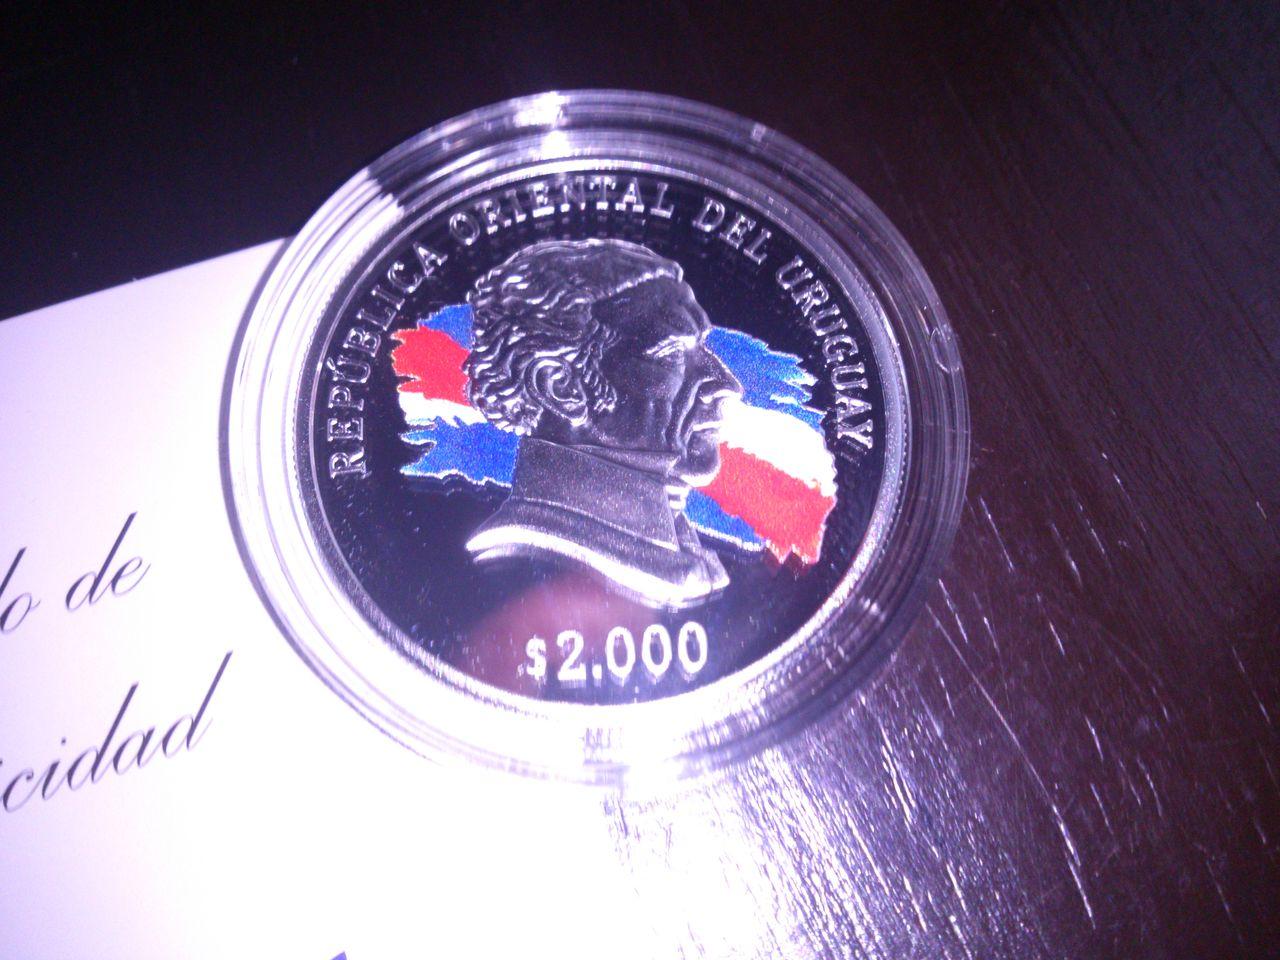 Monedas conmemorativas de Uruguay acuñadas en plata 1961 - Presente. DSC_8957